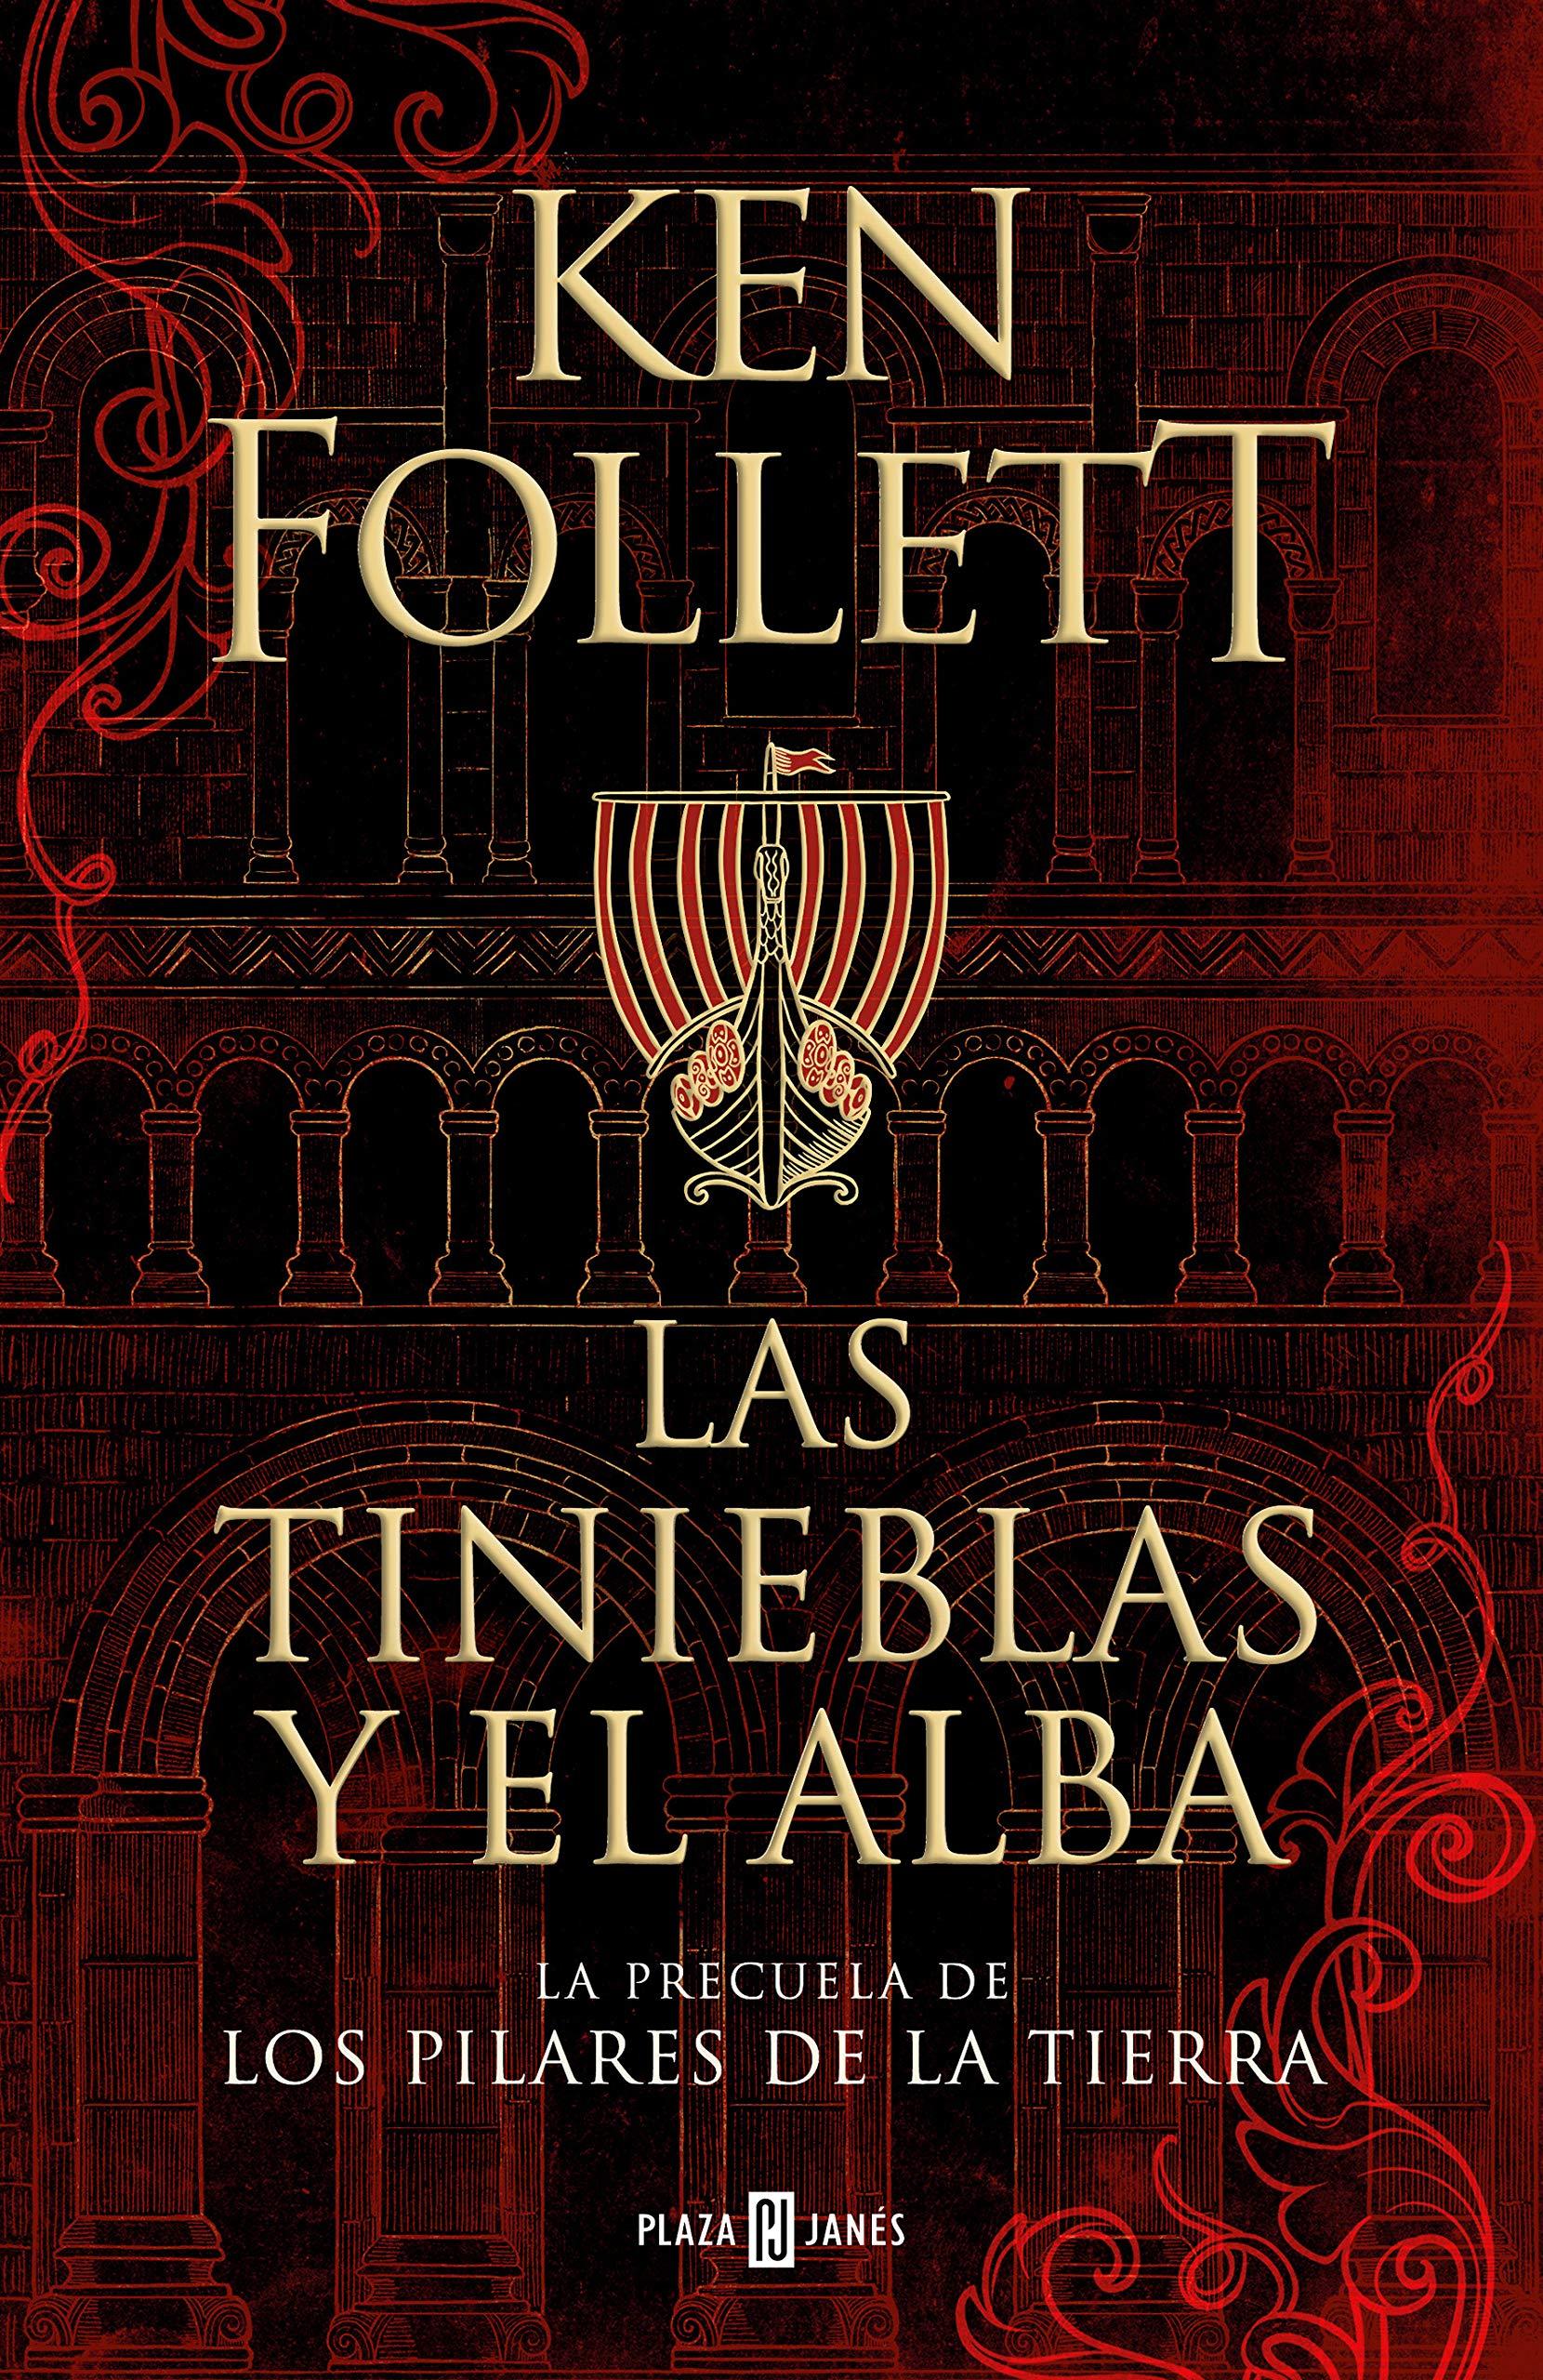 os 5 Mejores Libros Y Más Vendidos Del Corte Inglés  -Las Tinieblas Y El Alba - Ken Follett